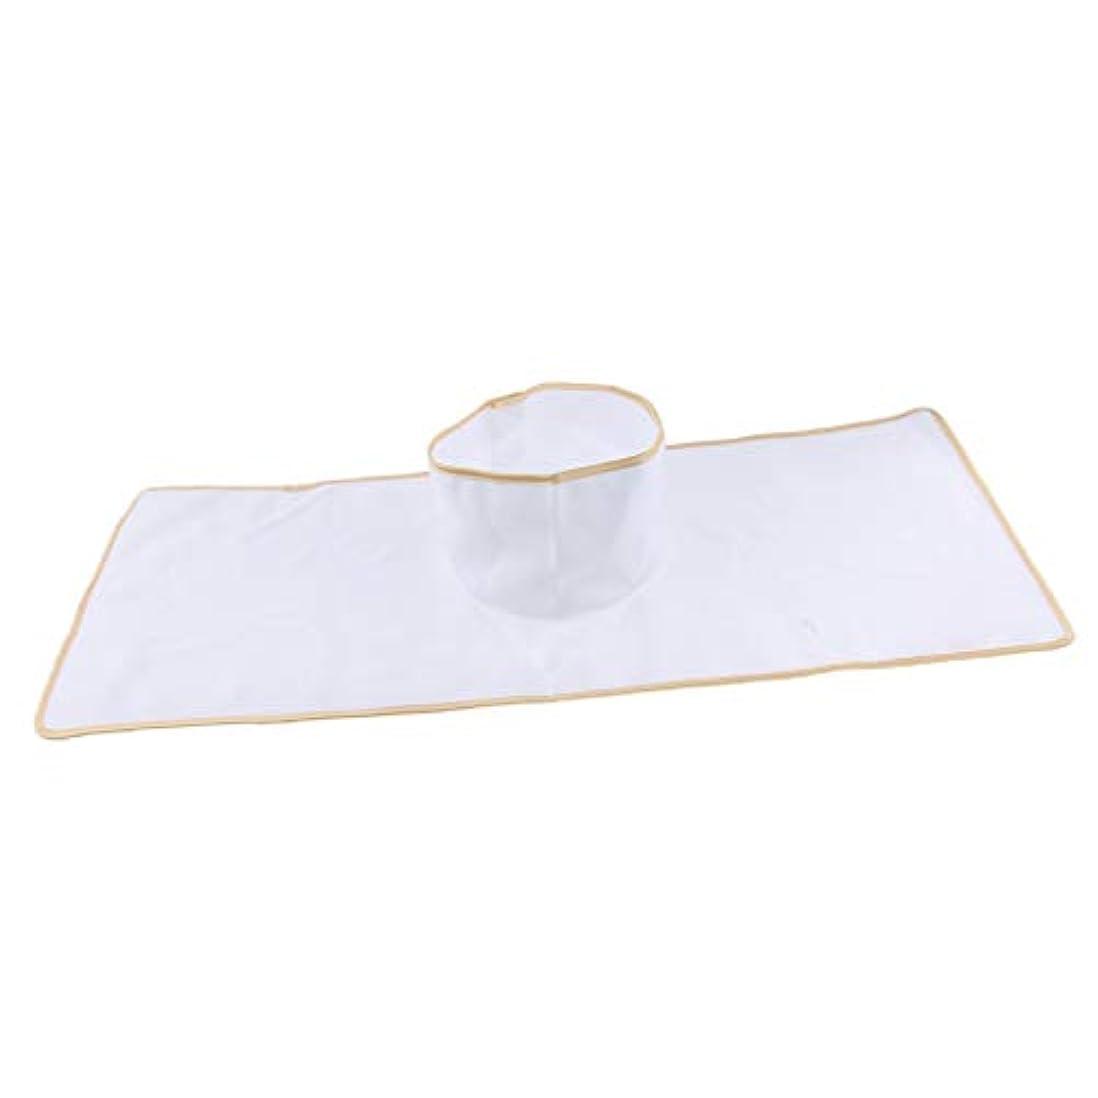 職業まとめる走るサロン マッサージベッドシート 穴付き 衛生パッド 再使用可能 約90×35cm 全3色 - 白